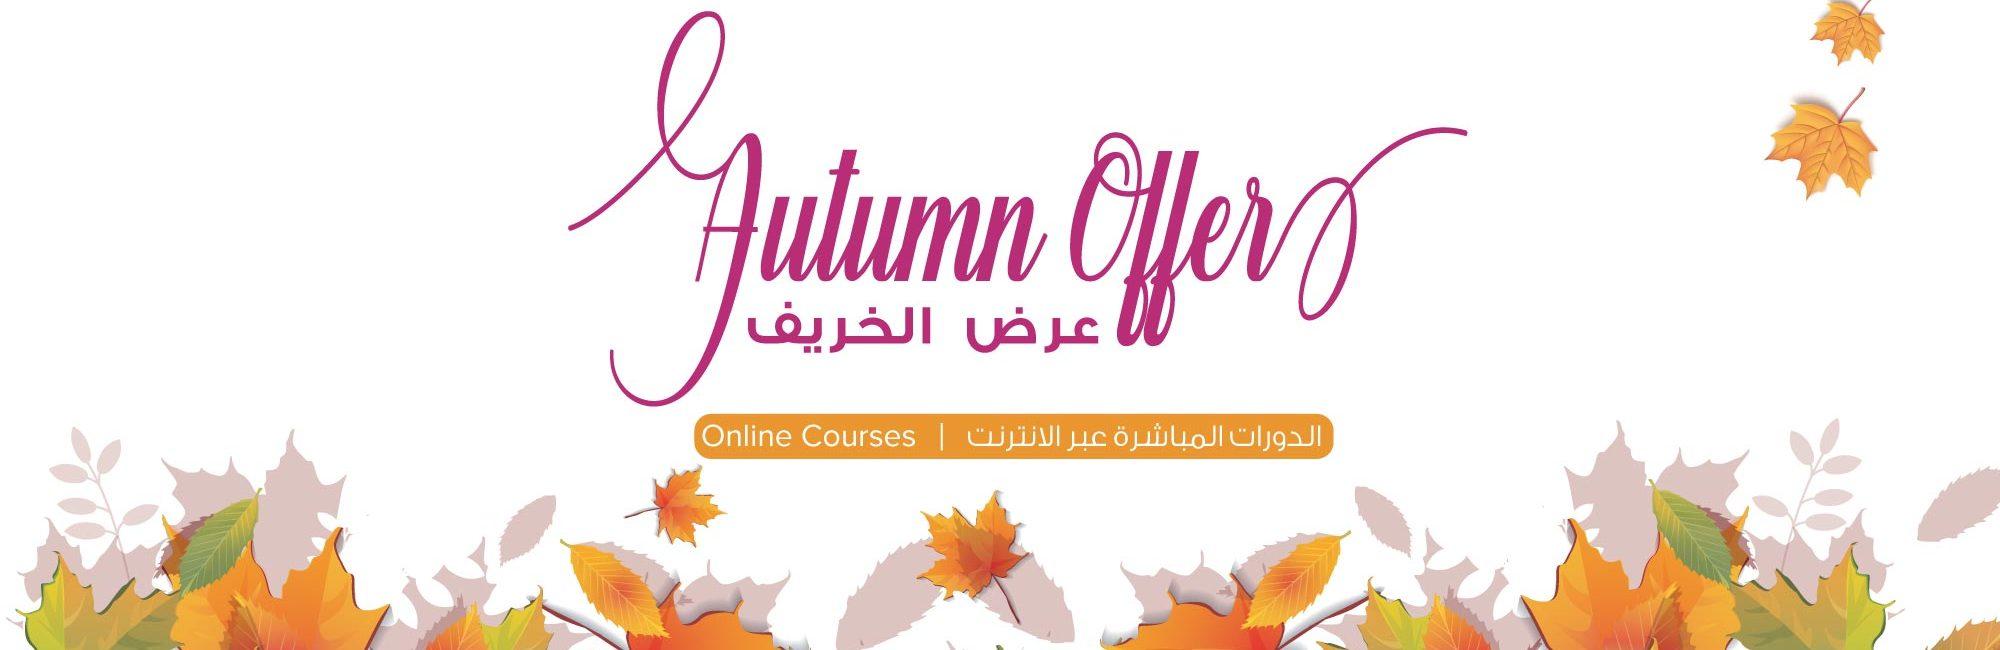 Autumn-offer-DXB-website